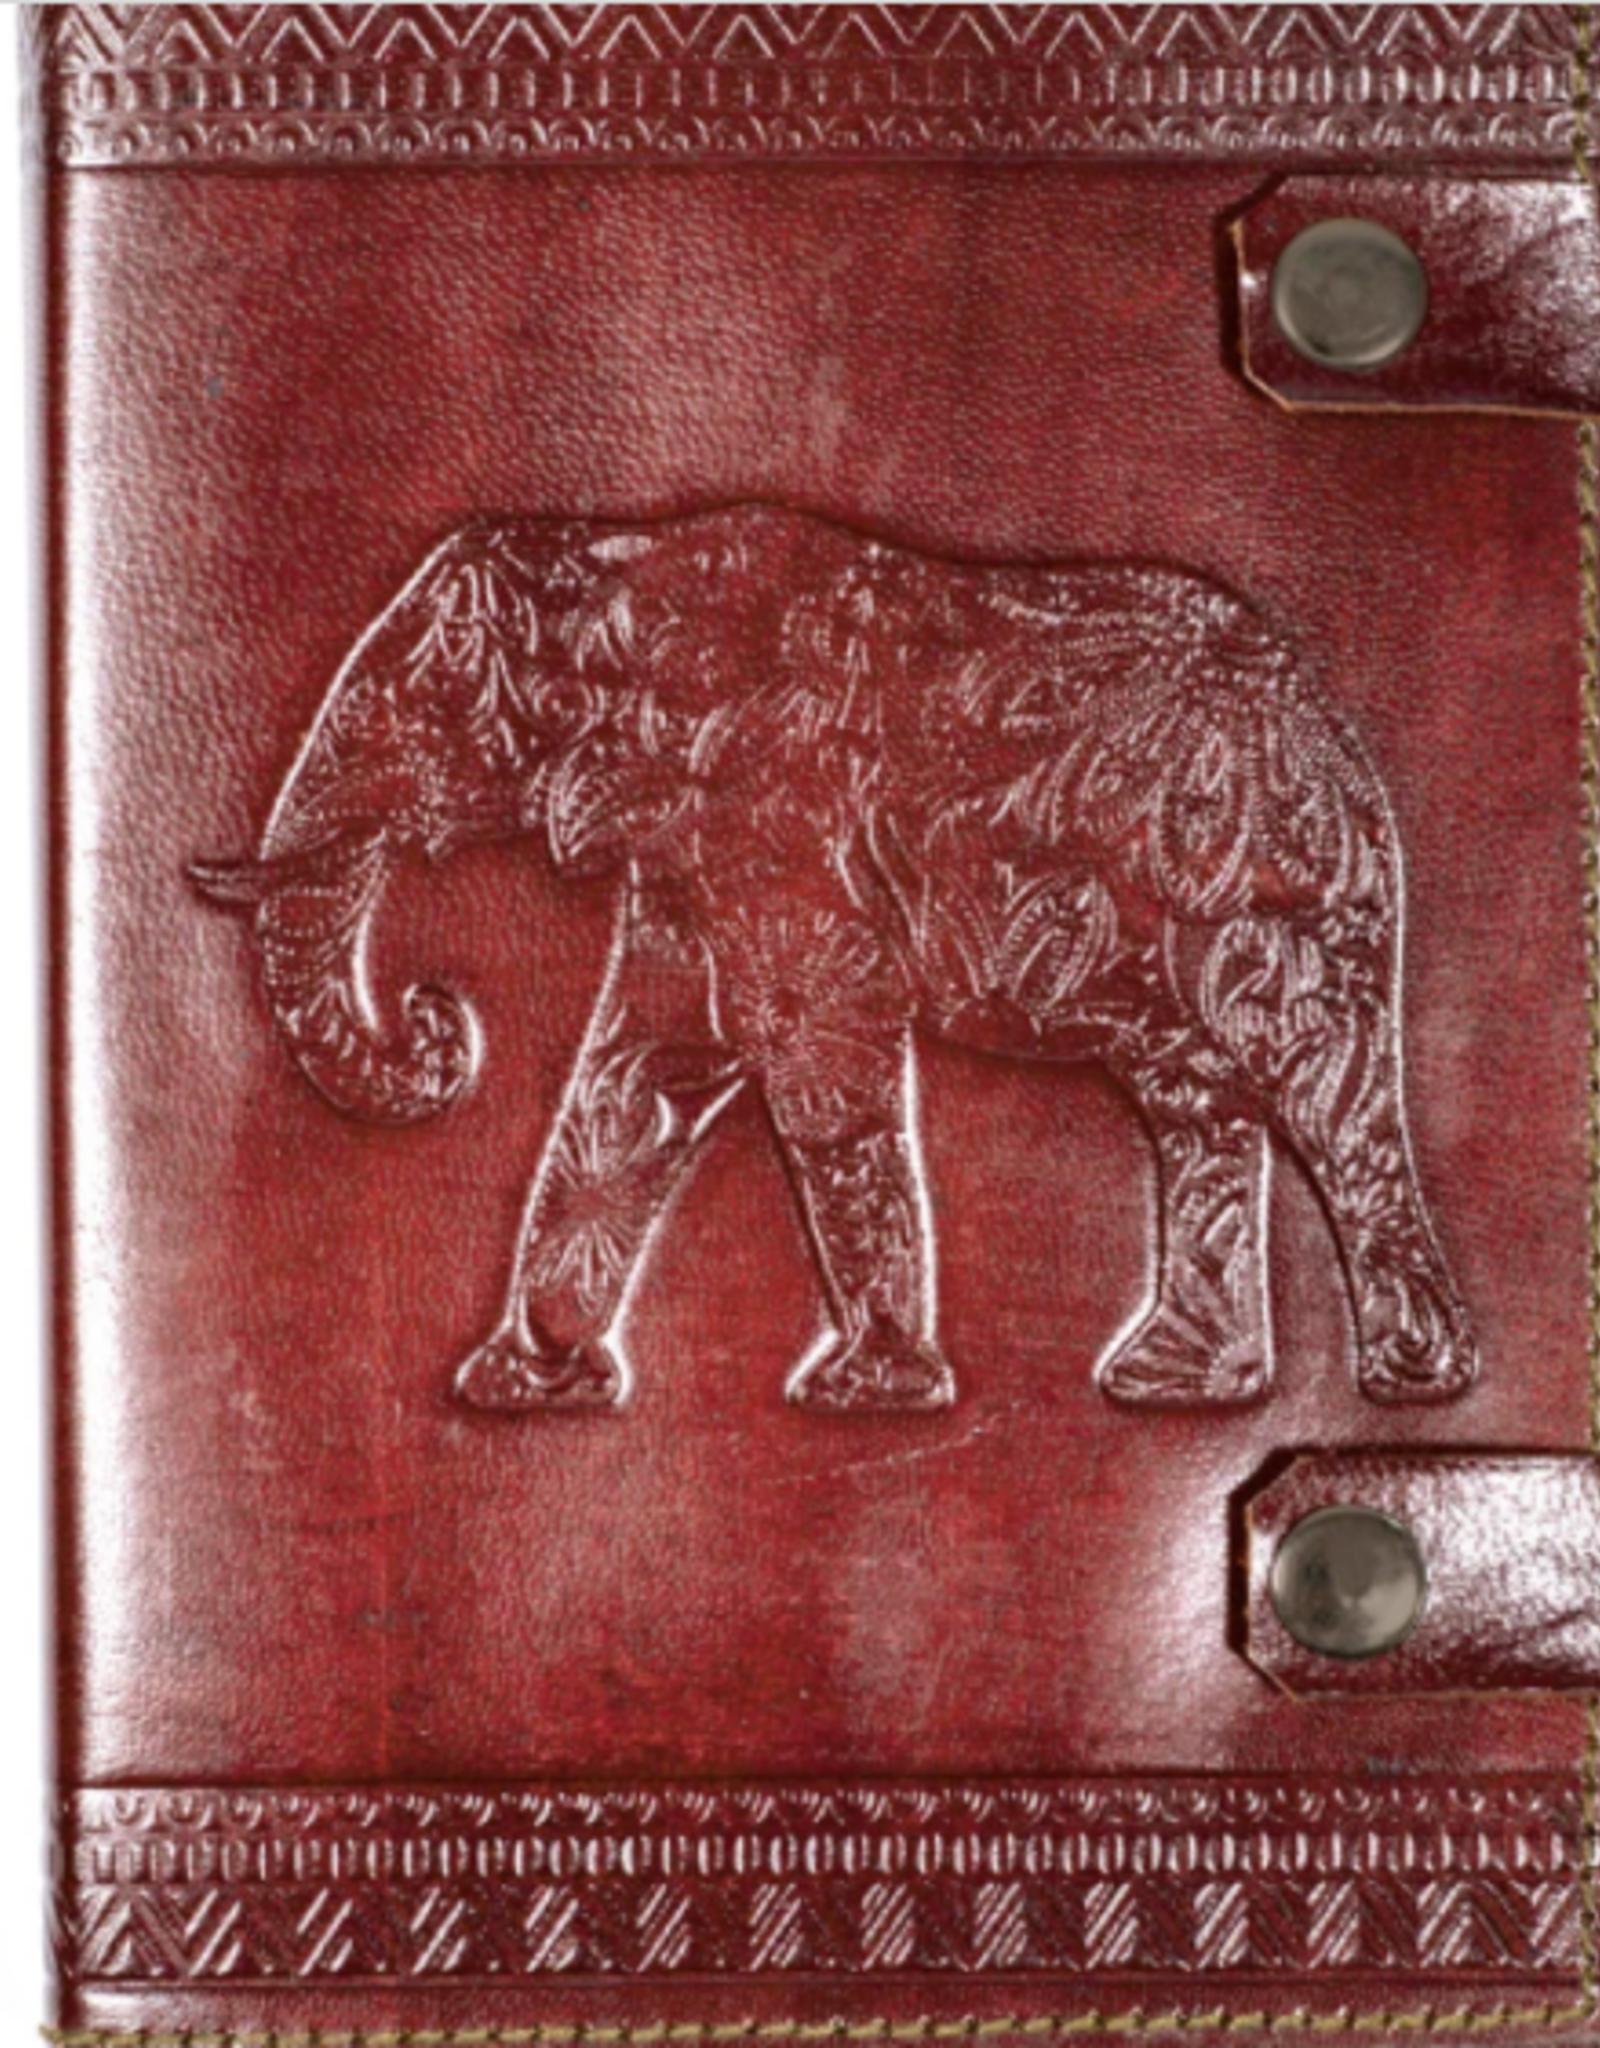 Elephant Journal, India